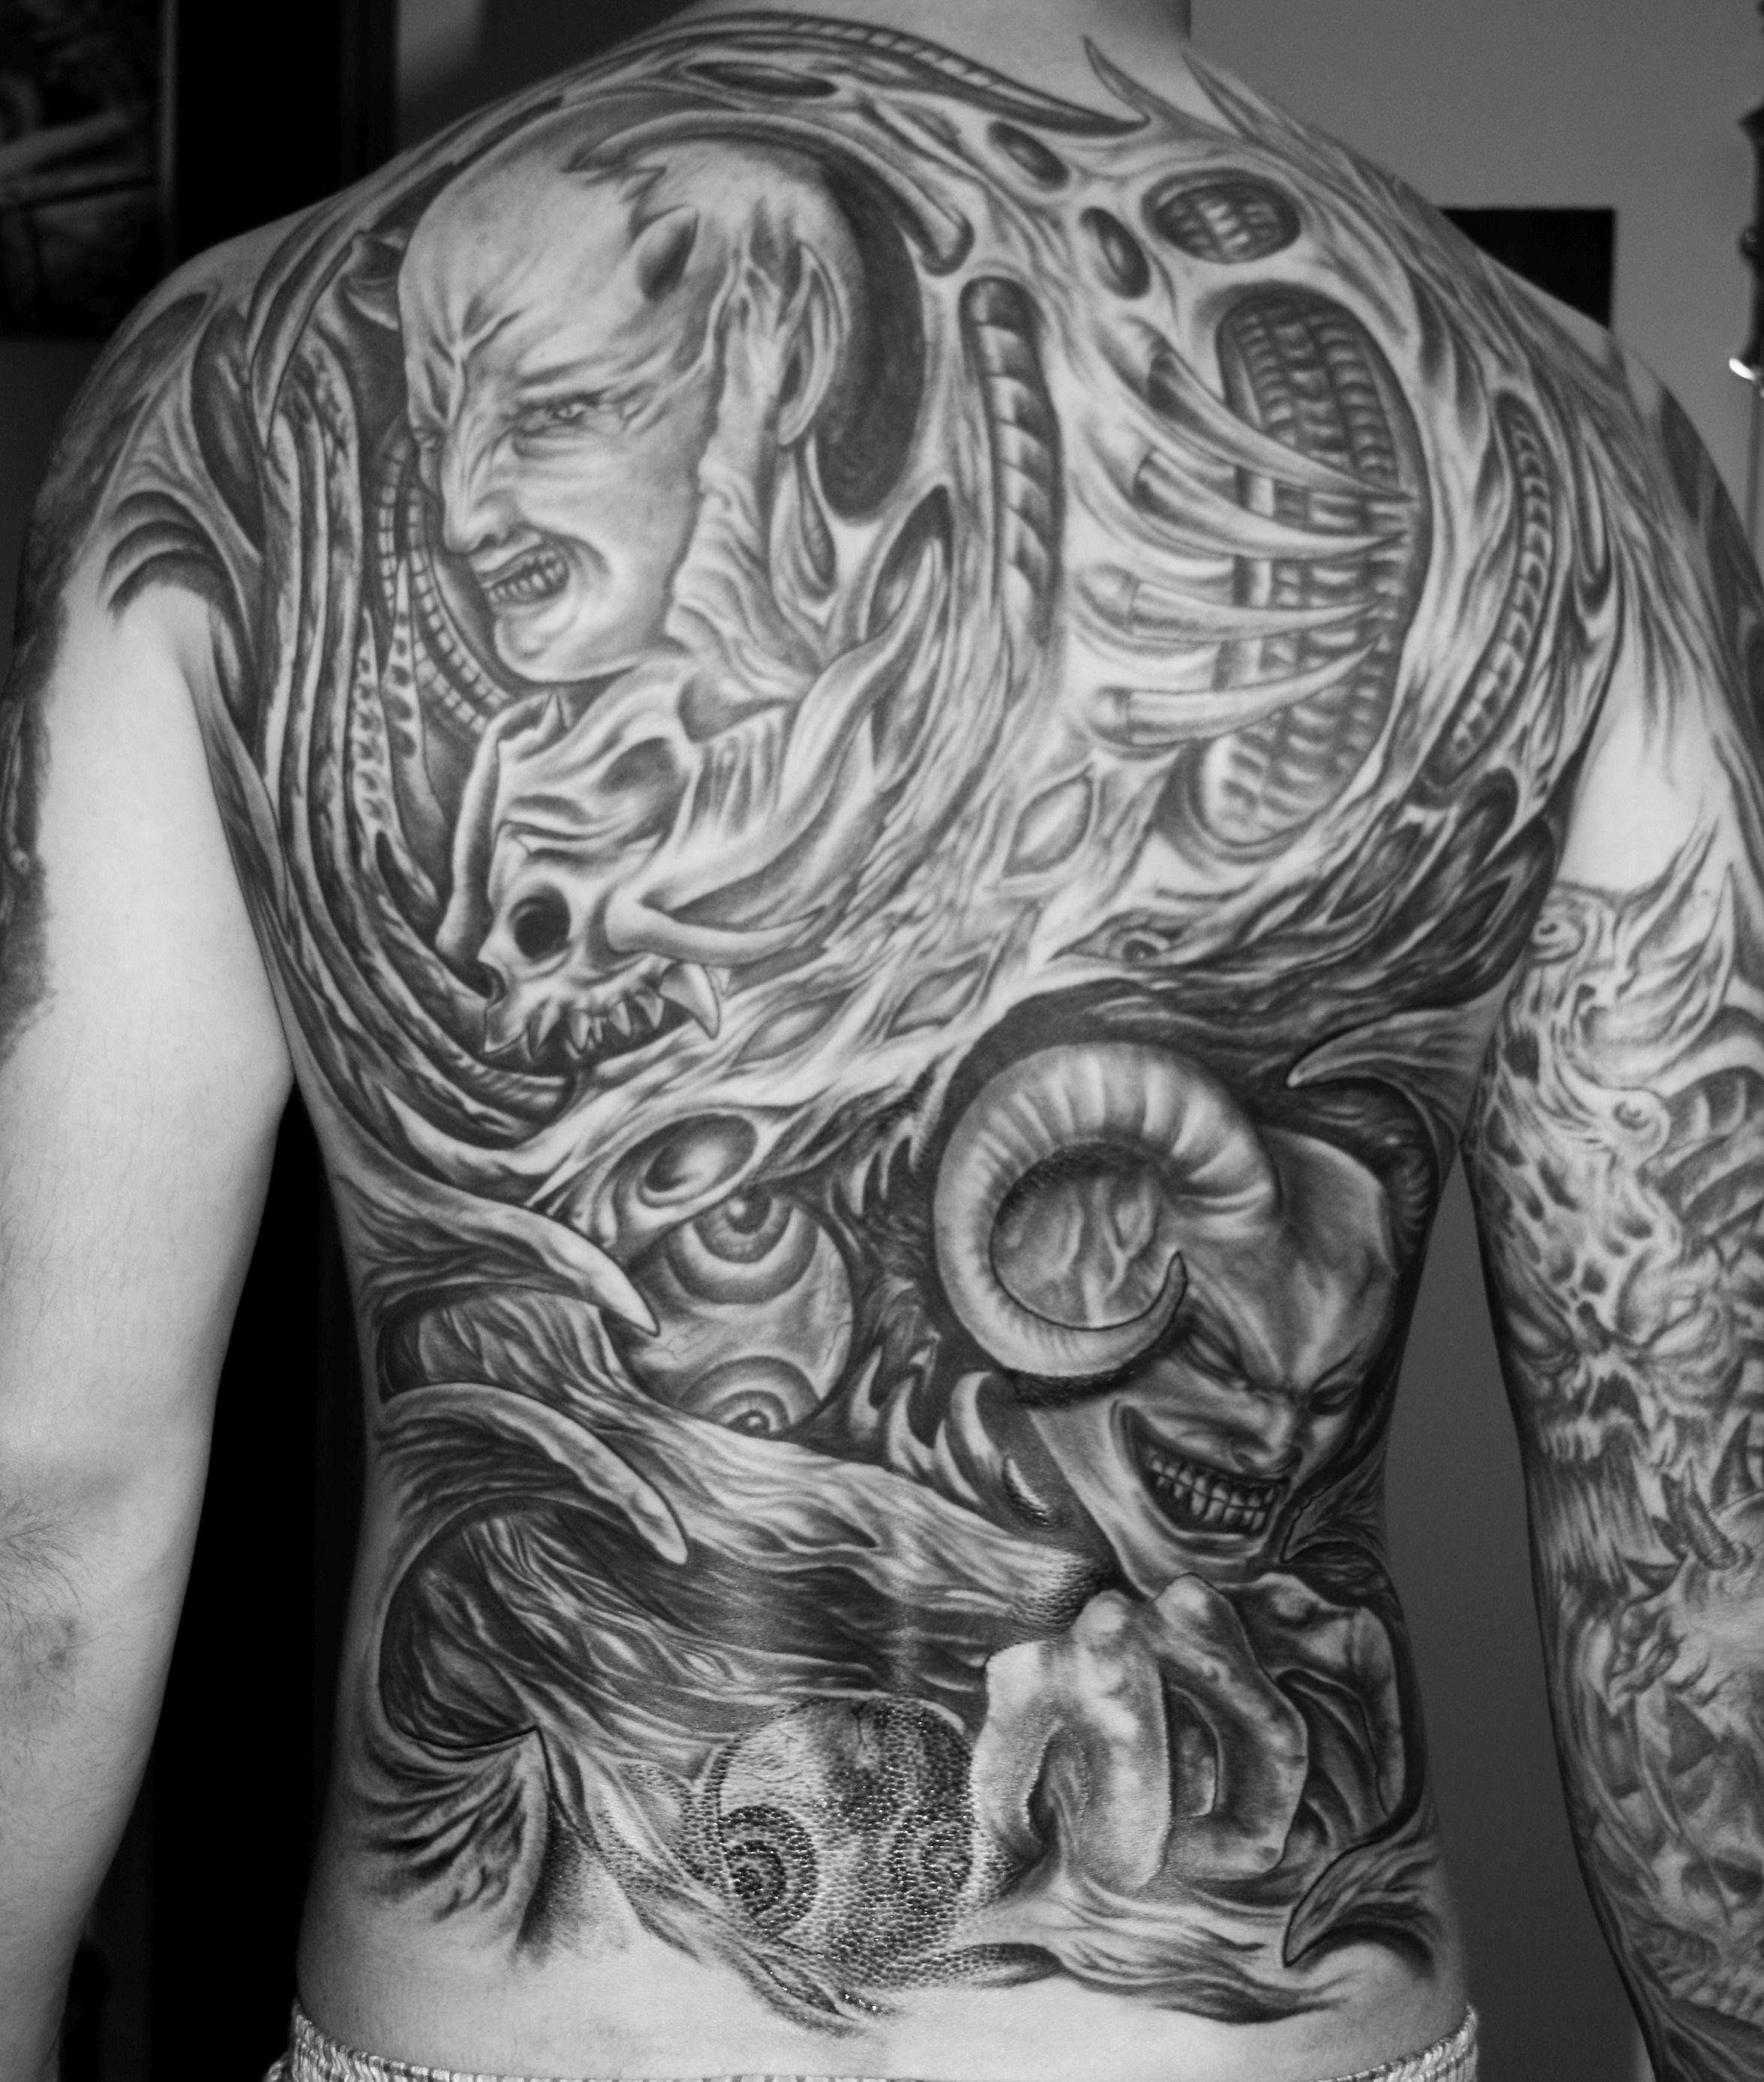 tattoo studio anansi munich münchen giger laszlo theme alien biomechanics organisch art tätowierer